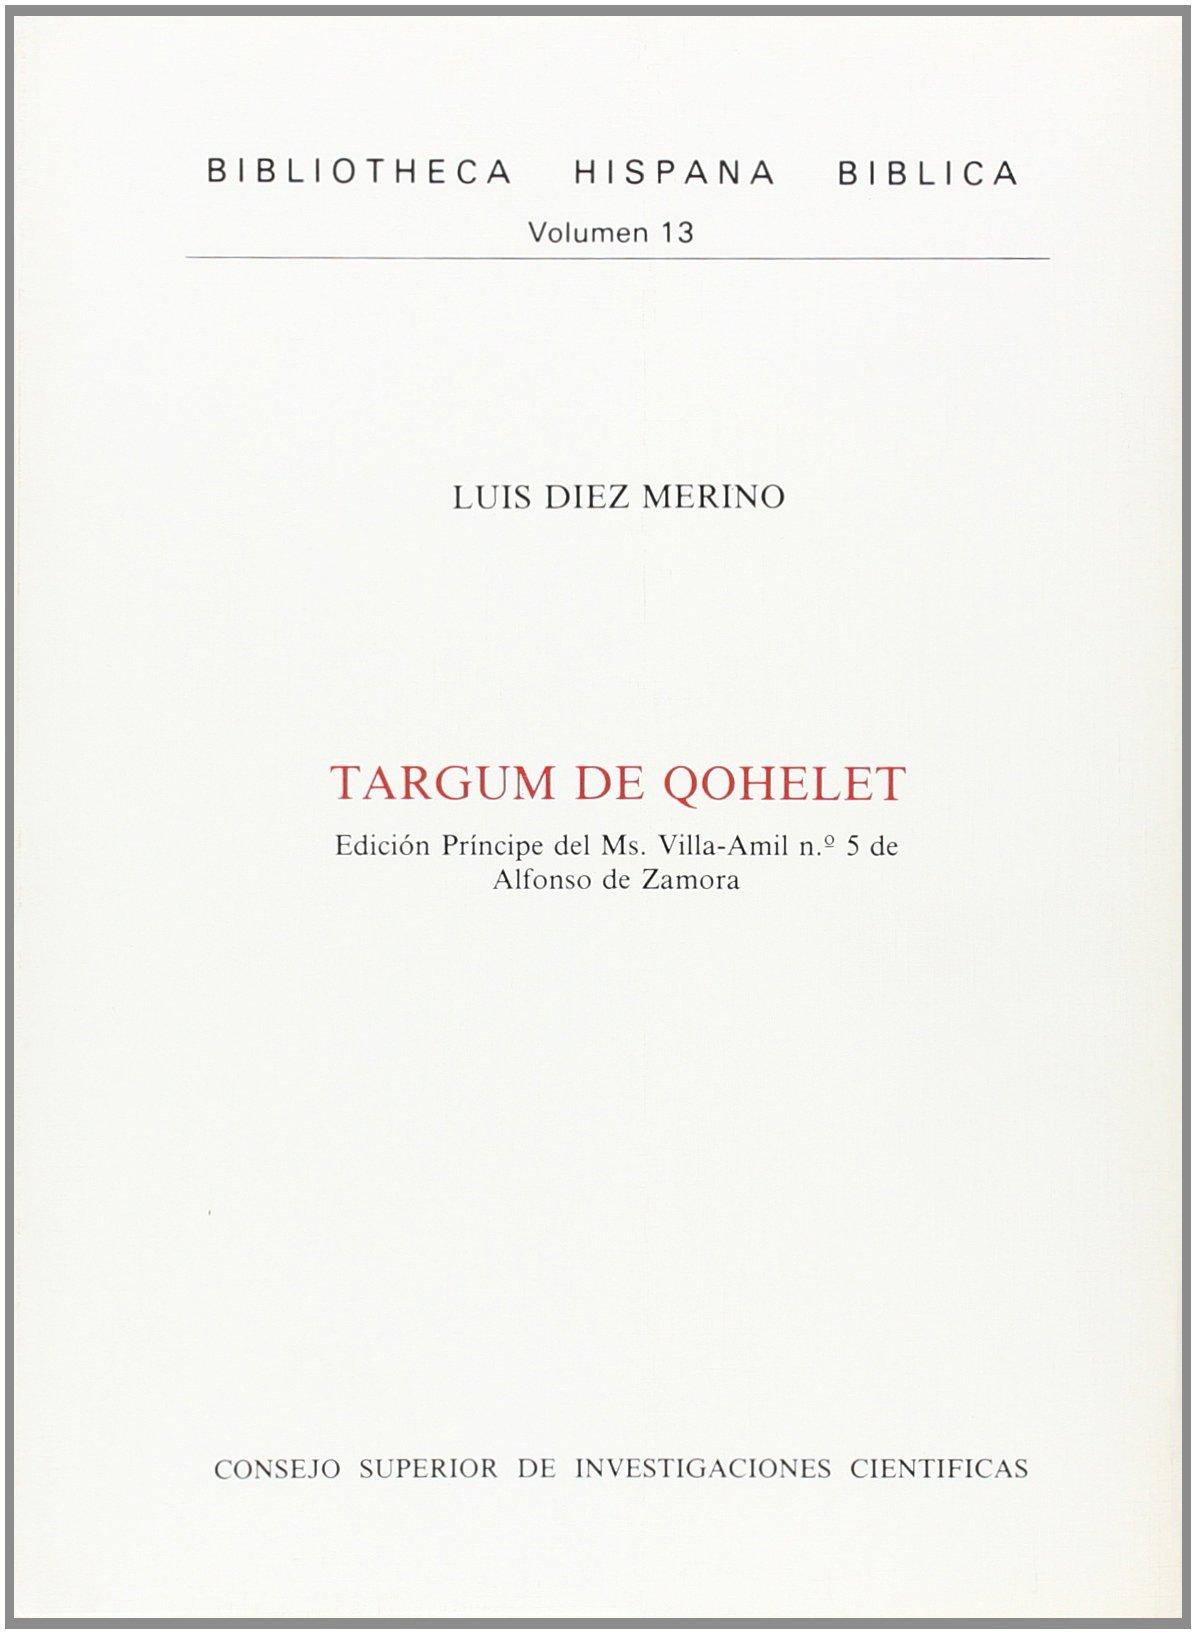 Targum de Qohelet: Edicion Principe del Ms. Villa-Amil No. 5 de Alfonso de Zamora Alfonso de Zamora